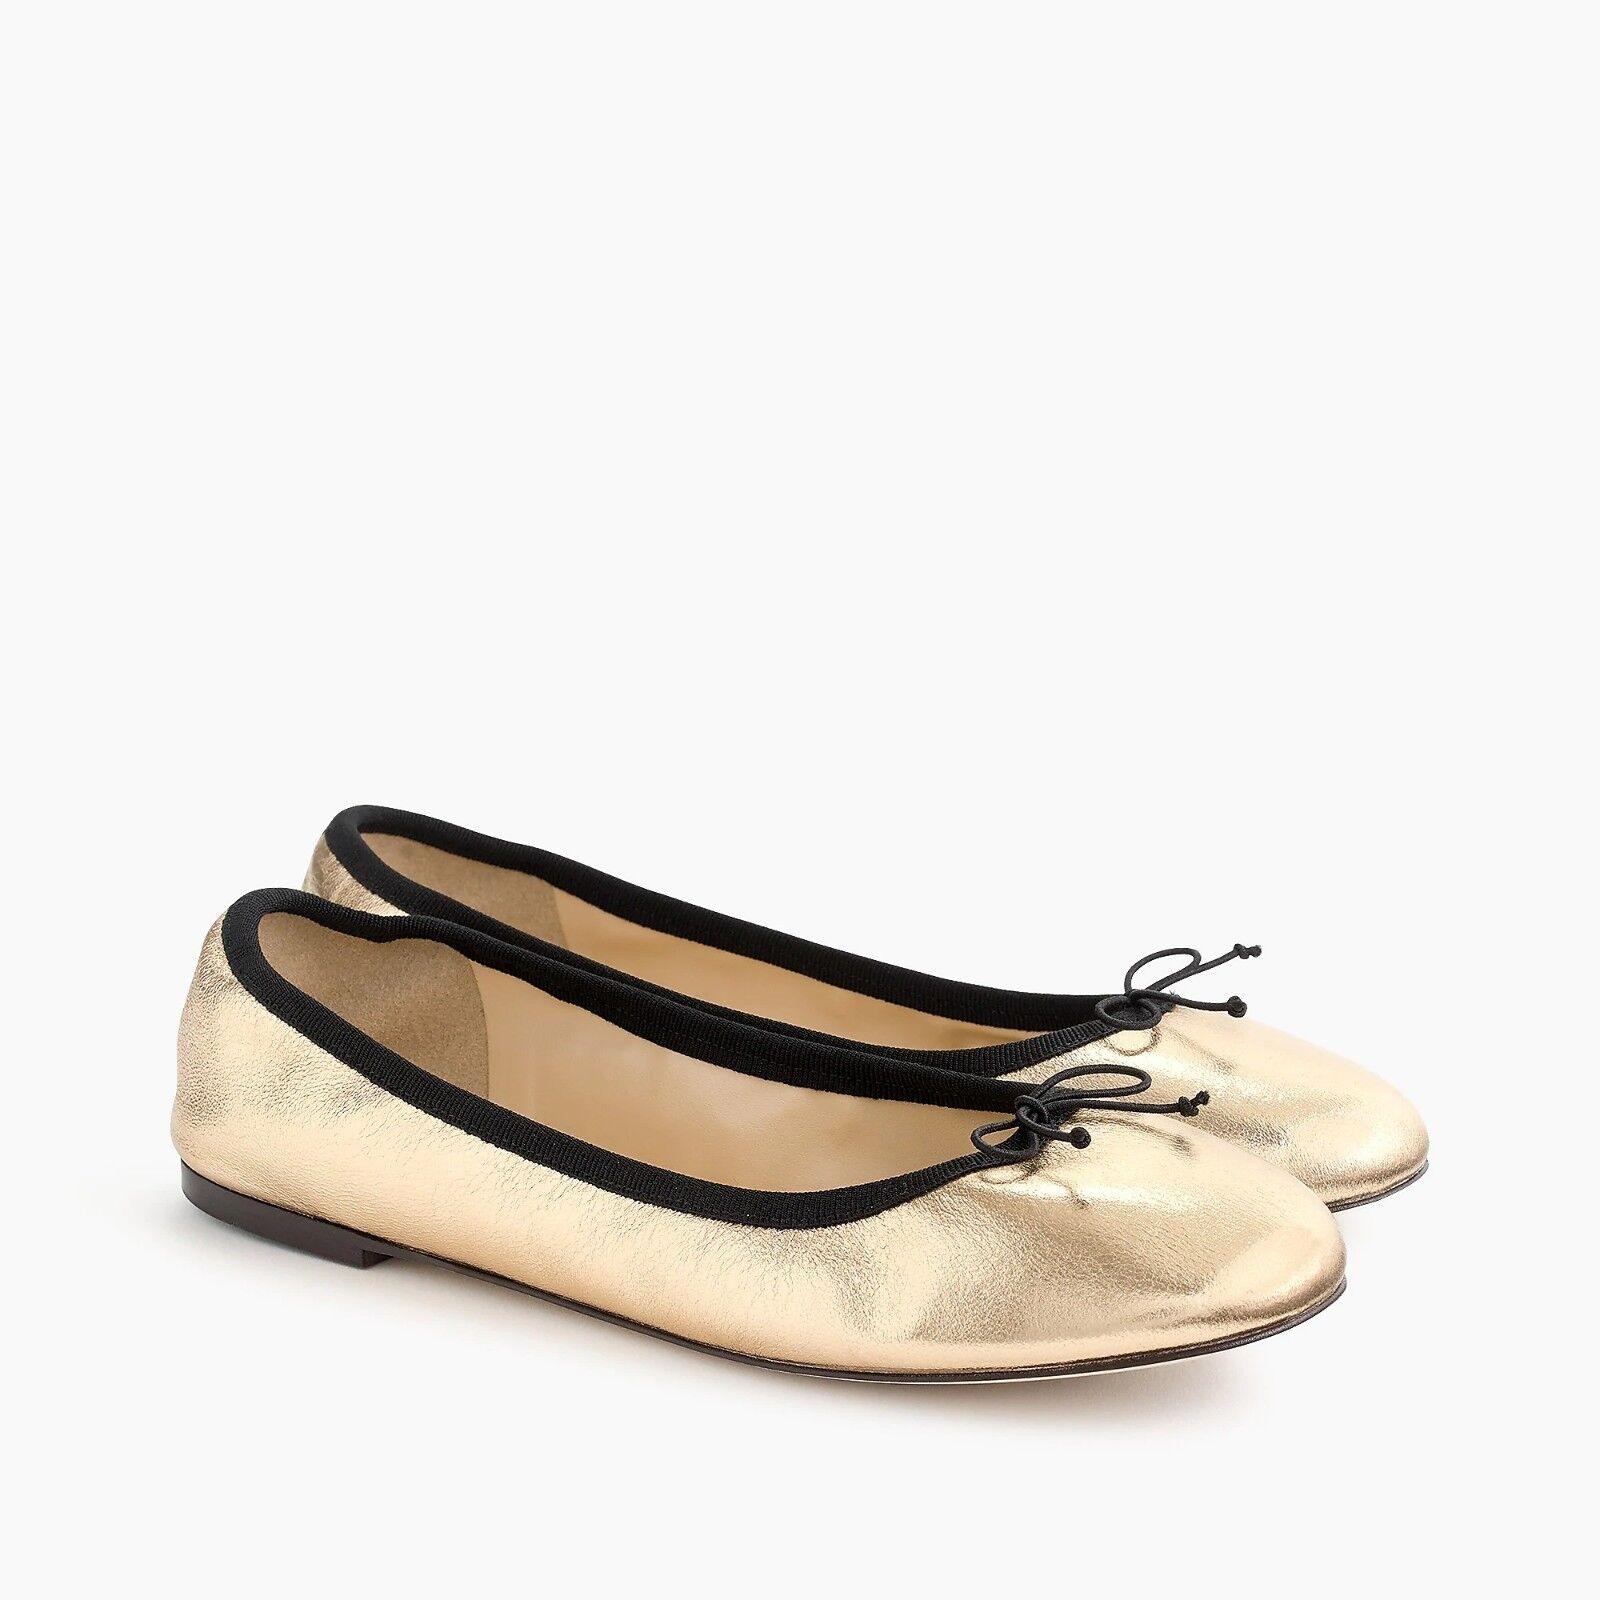 Nuevo Nuevo Nuevo J. Crew De Mujer Evie Ballet Zapatos sin Taco Sin en oro-Nuevo En Caja-Tamaño 8  barato en alta calidad